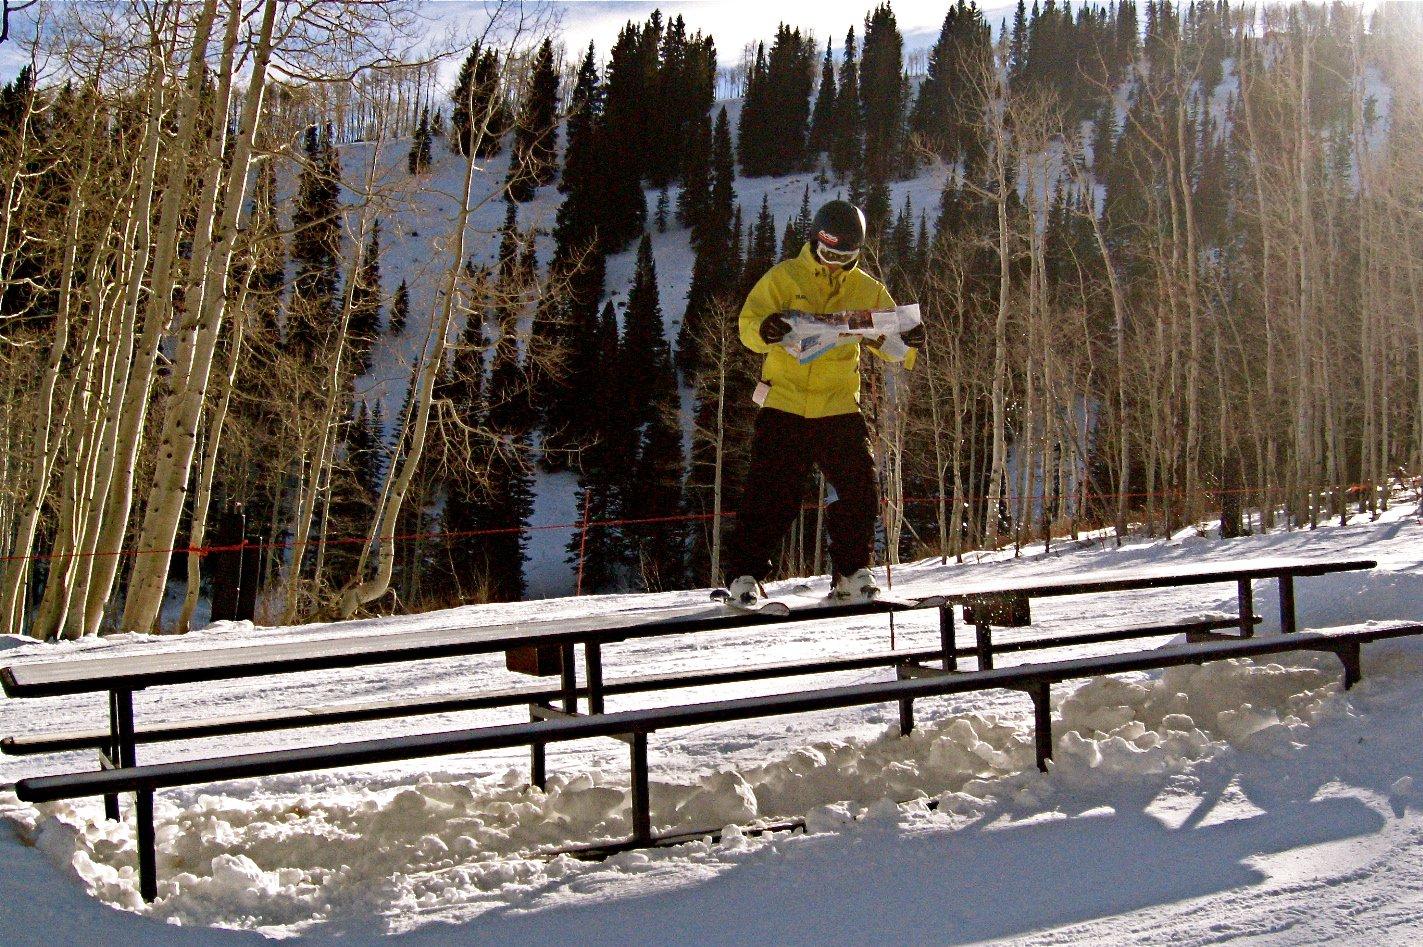 Where should i ski next????